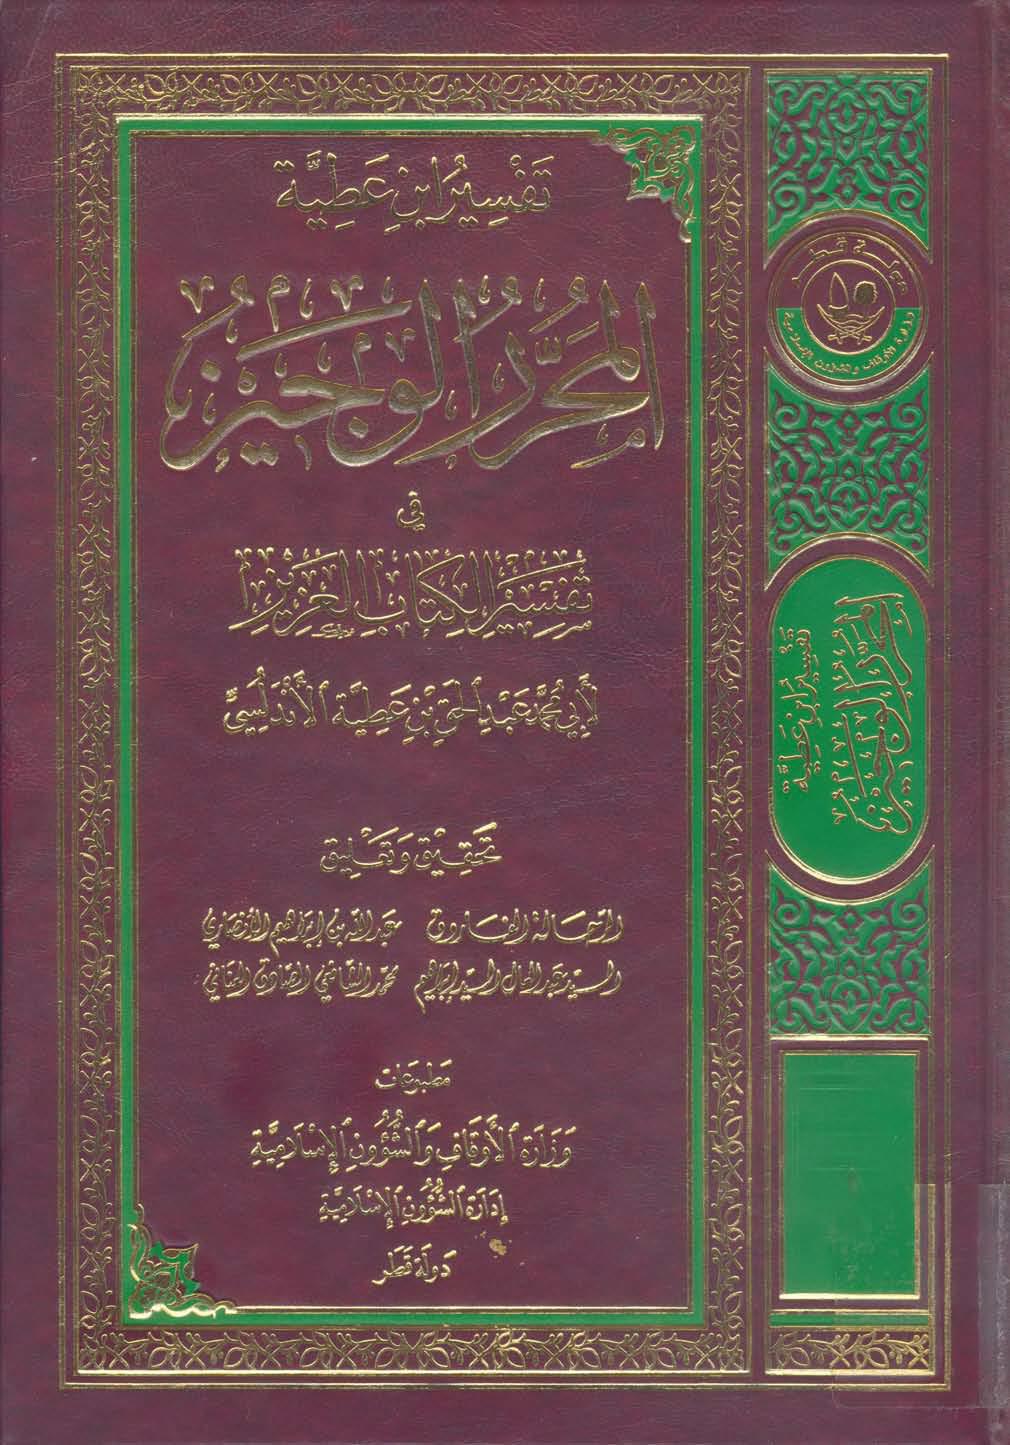 تحميل كتاب تفسير ابن عطية (المحرر الوجيز في تفسير الكتاب العزيز) لـِ: أبو محمد عبد الحق بن عطية الأندلسي